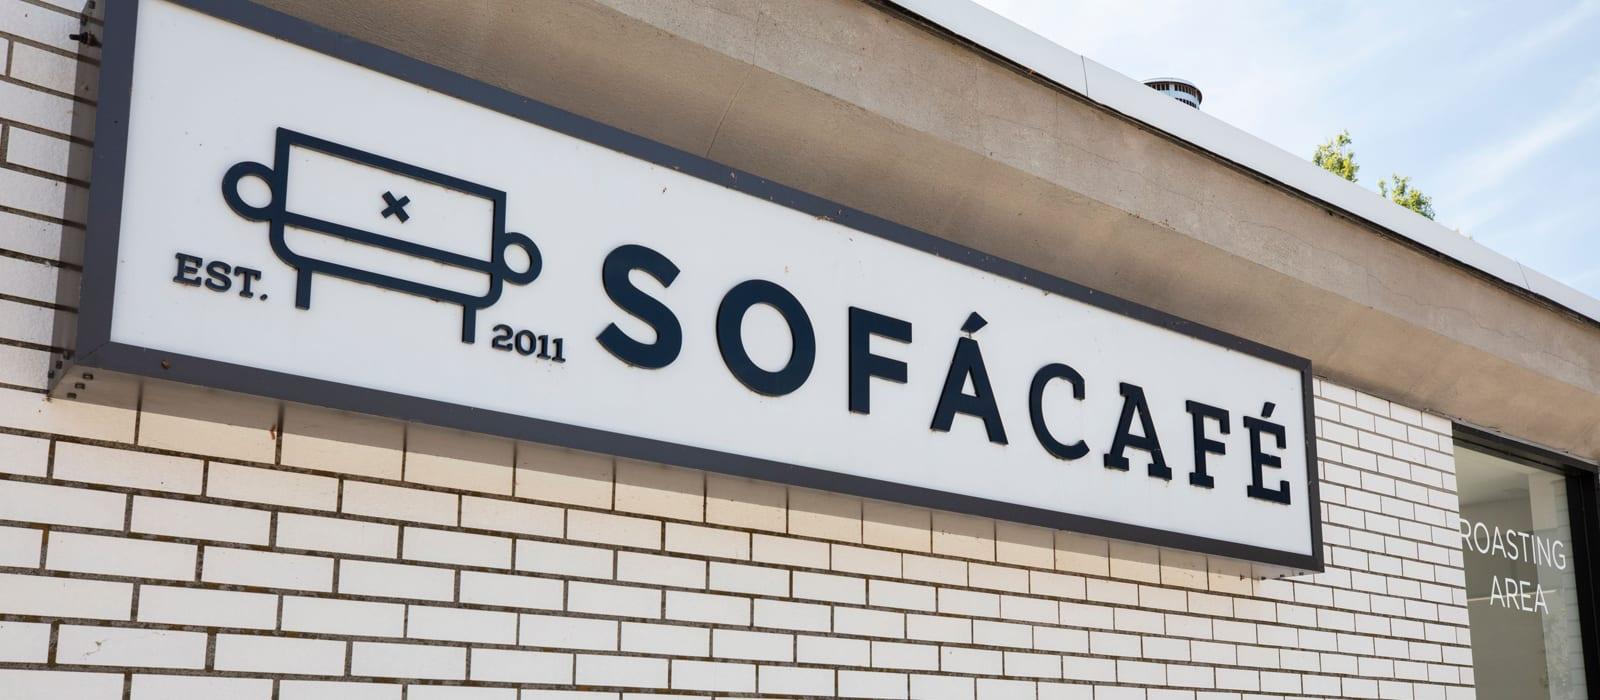 Sofá café in Framingham, MA near Alta Union House